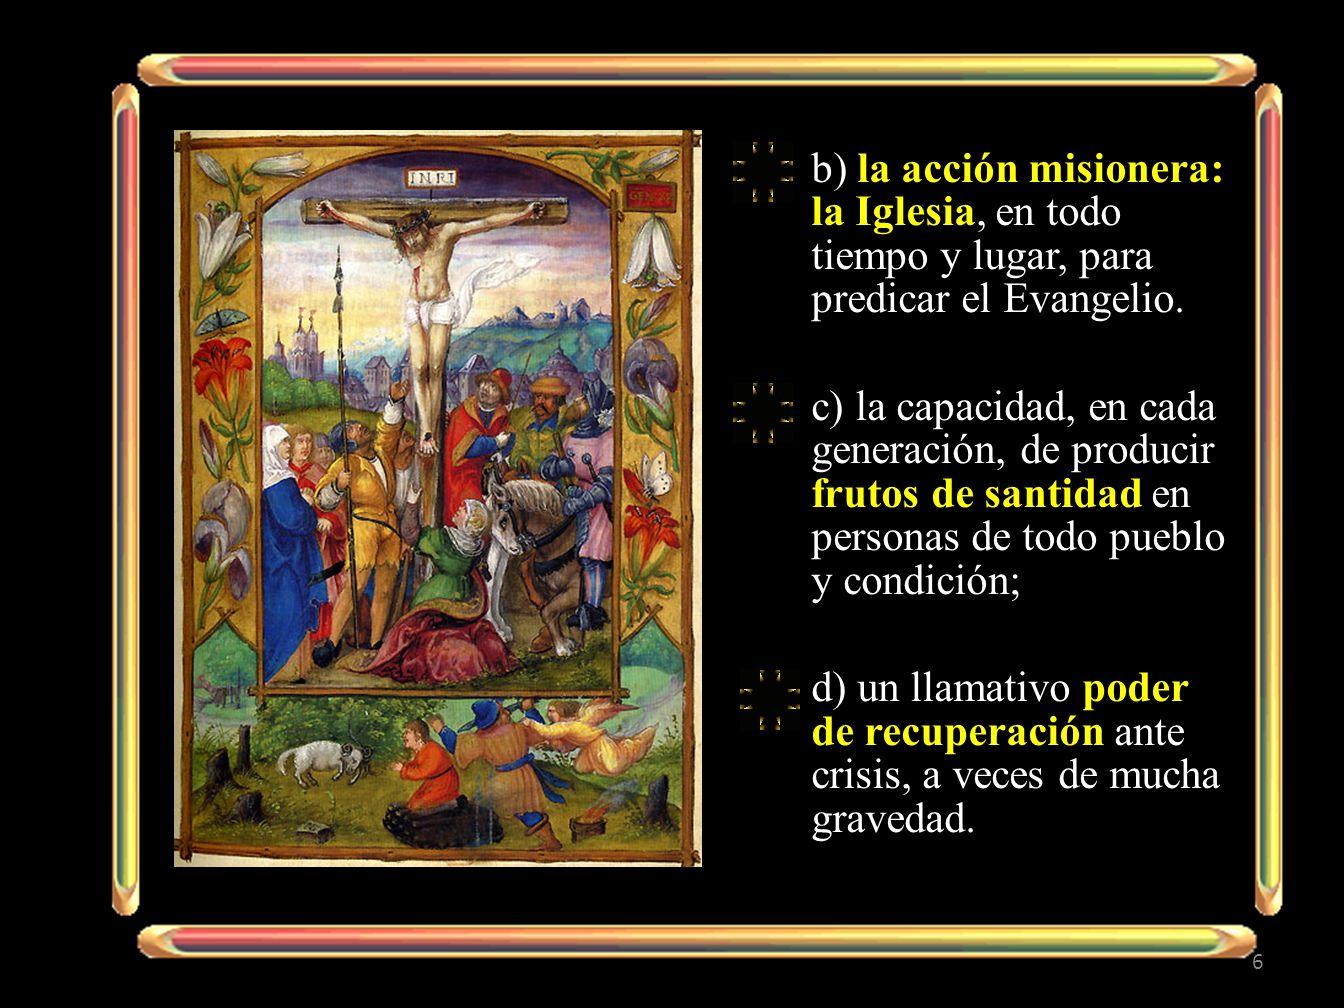 b) la acción misionera: la Iglesia, en todo tiempo y lugar, para predicar el Evangelio. c) la capacidad, en cada generación, de producir frutos de san